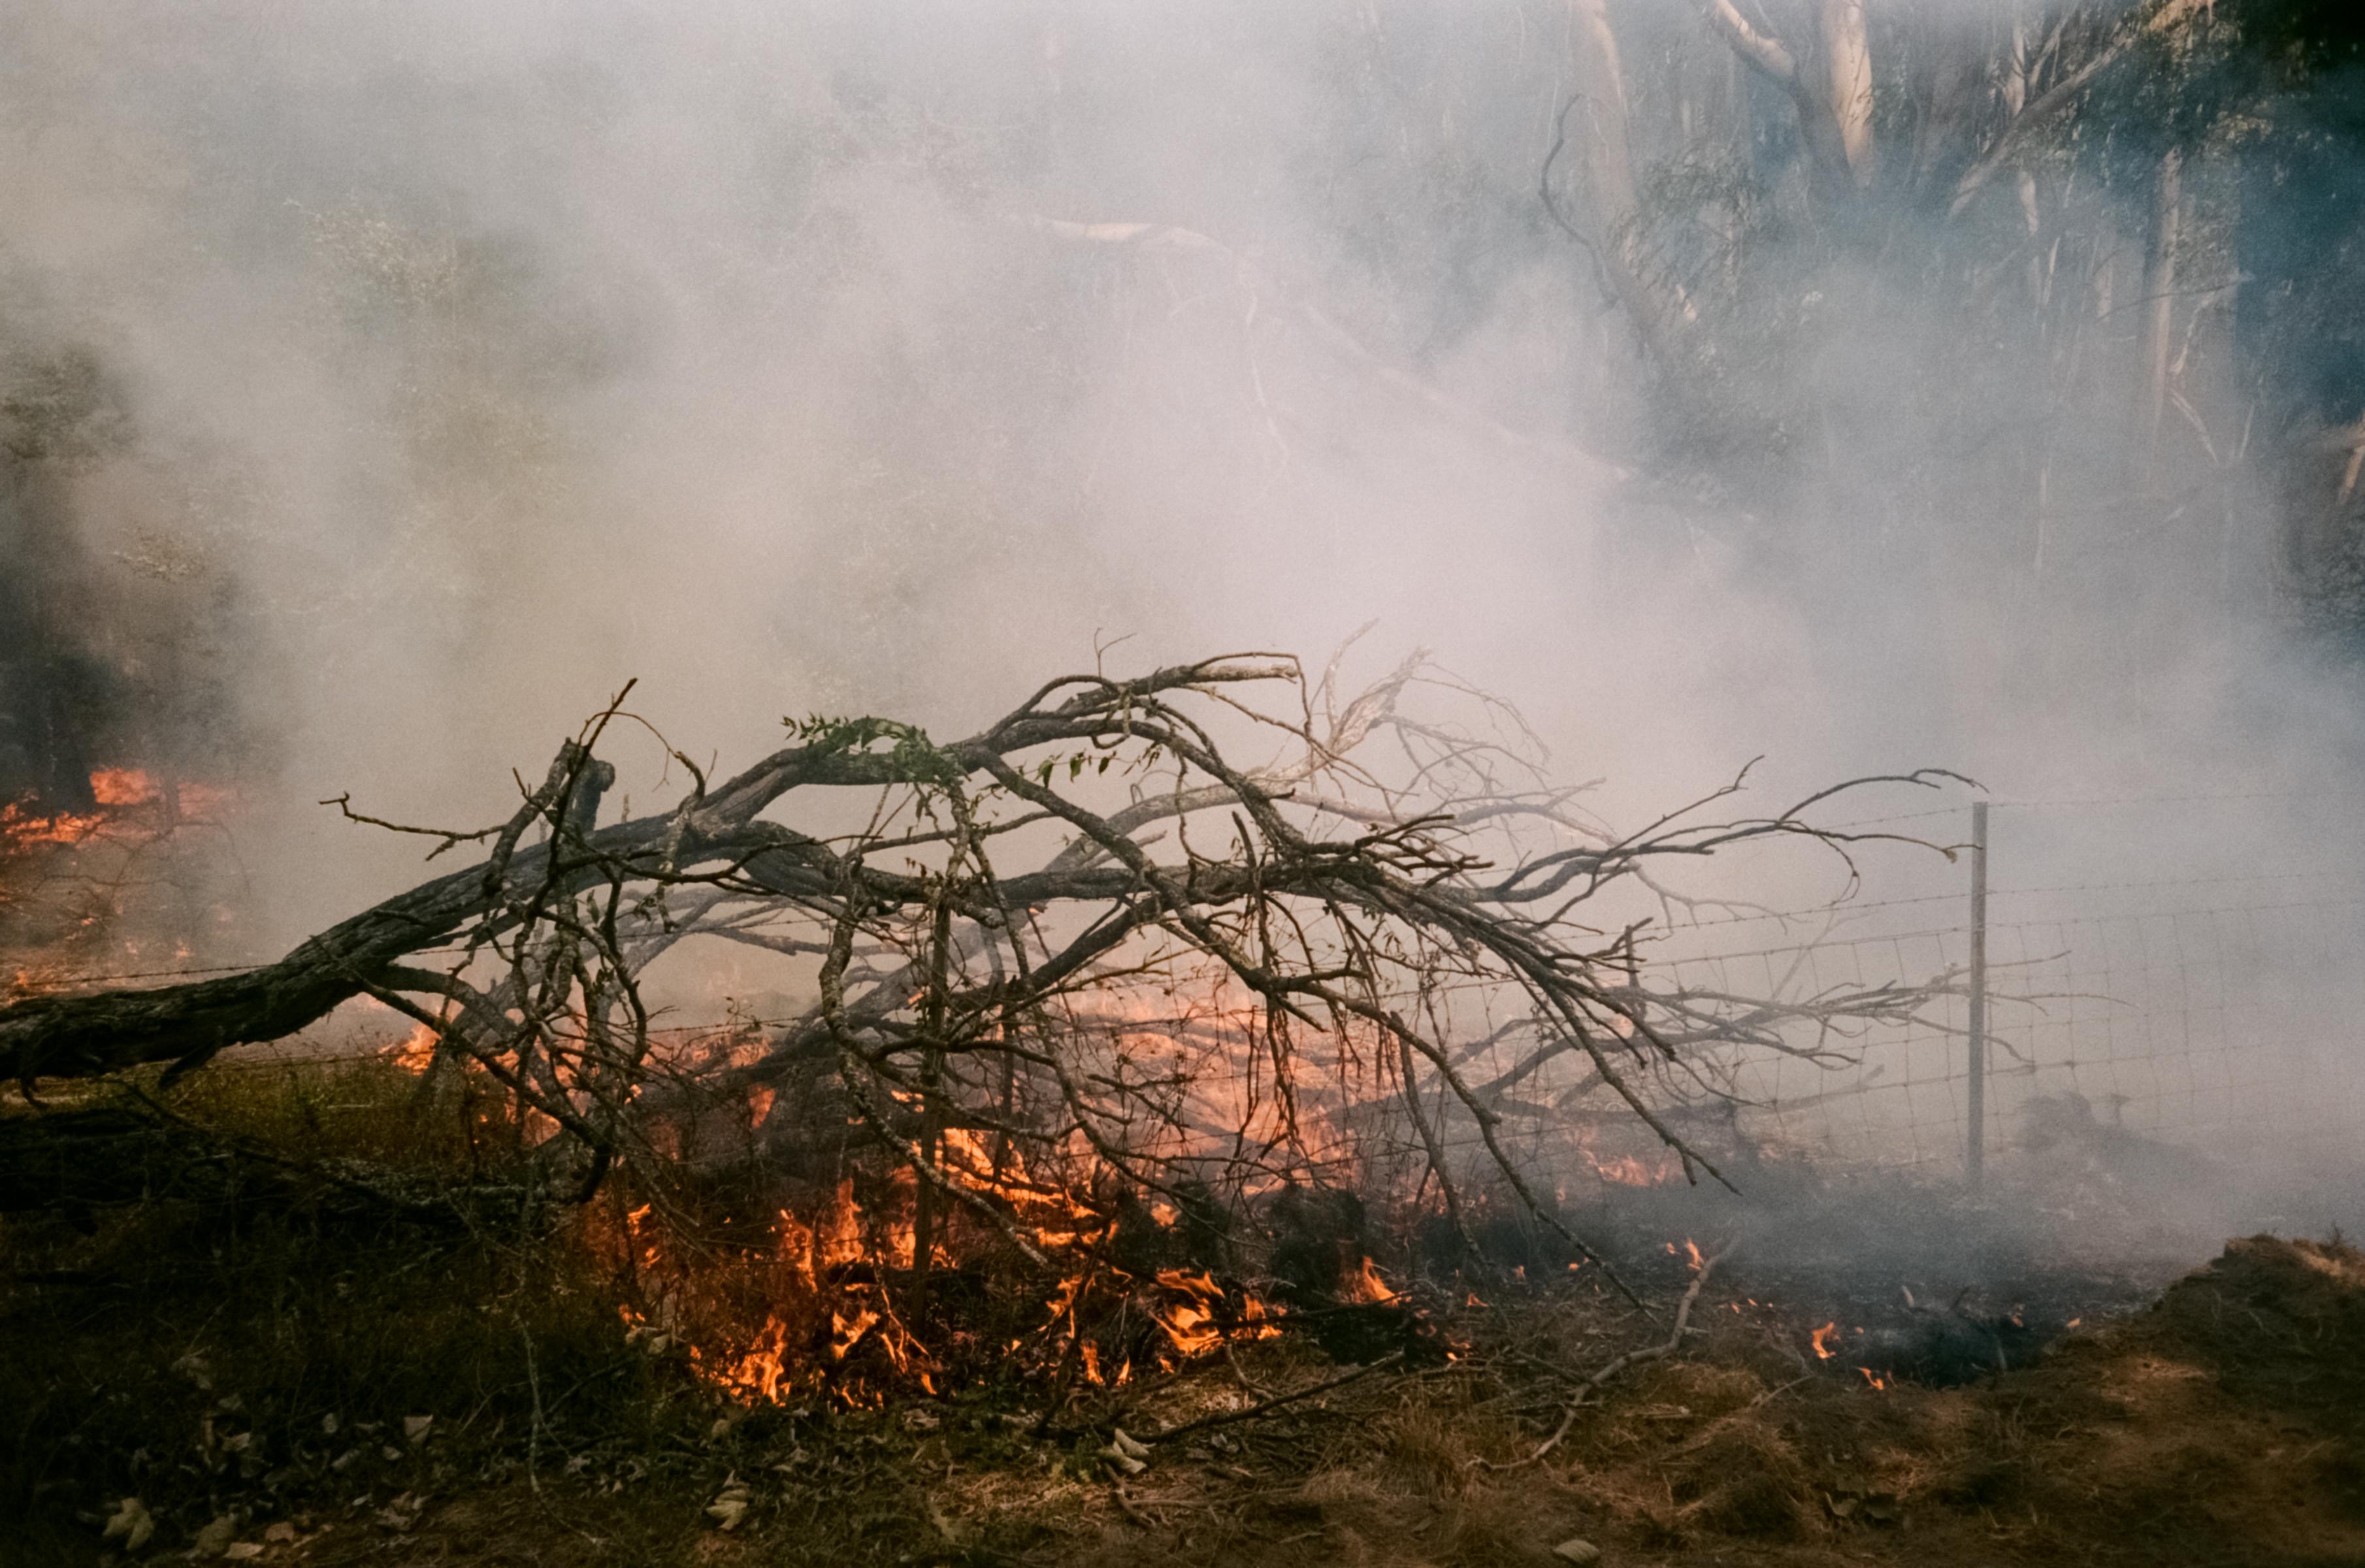 Fires in Australian forest